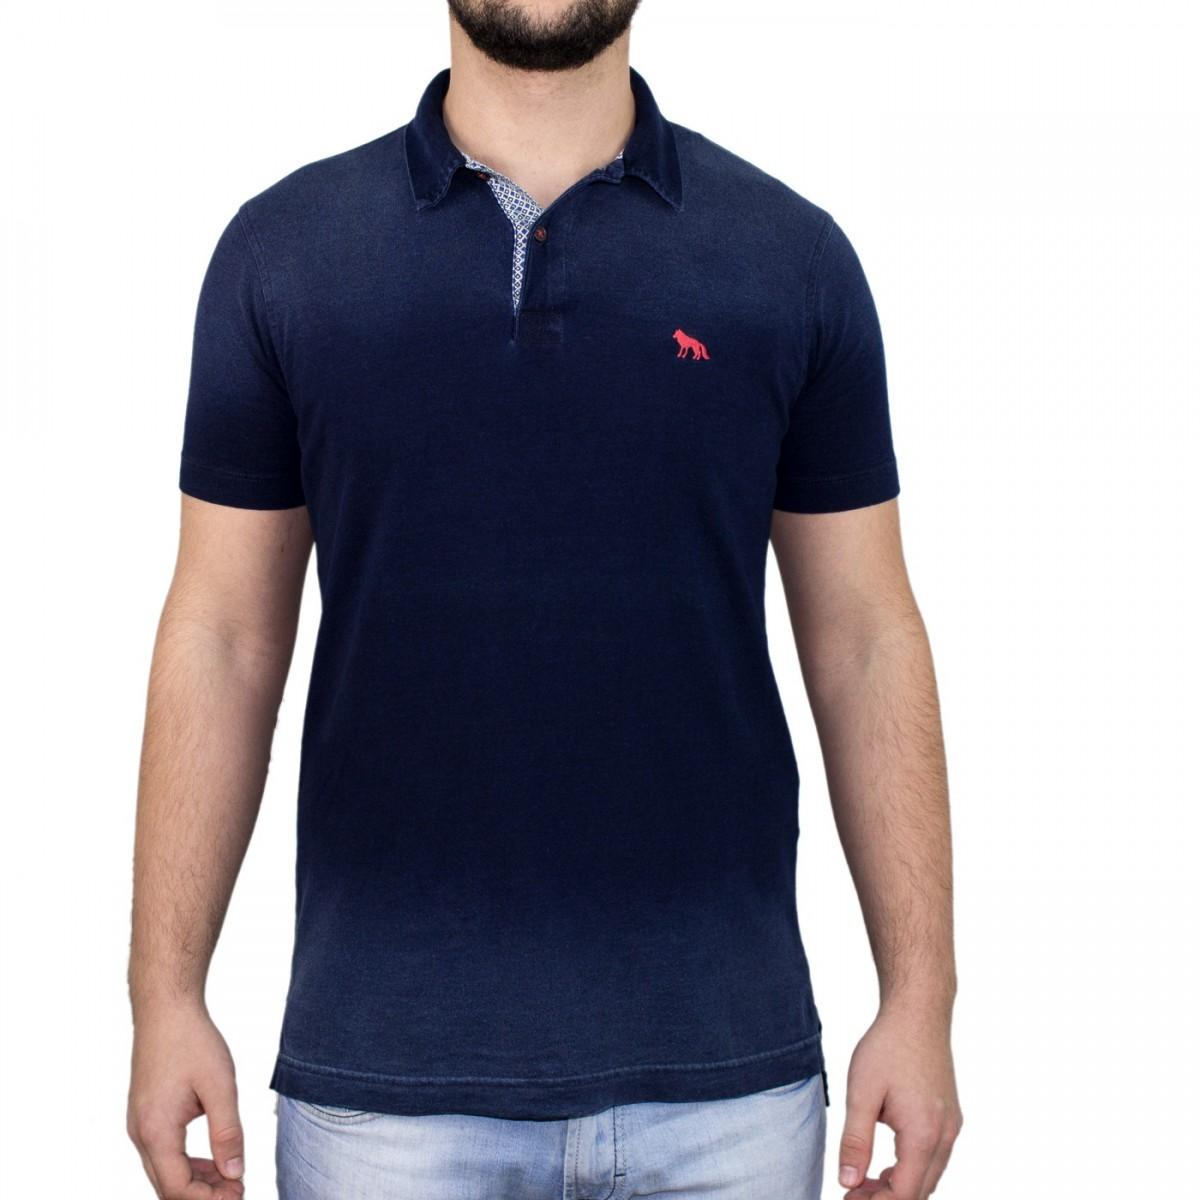 bd3967aee8 Bizz Store - Camisa Polo Masculina Acostamento Marinho Manga Curta